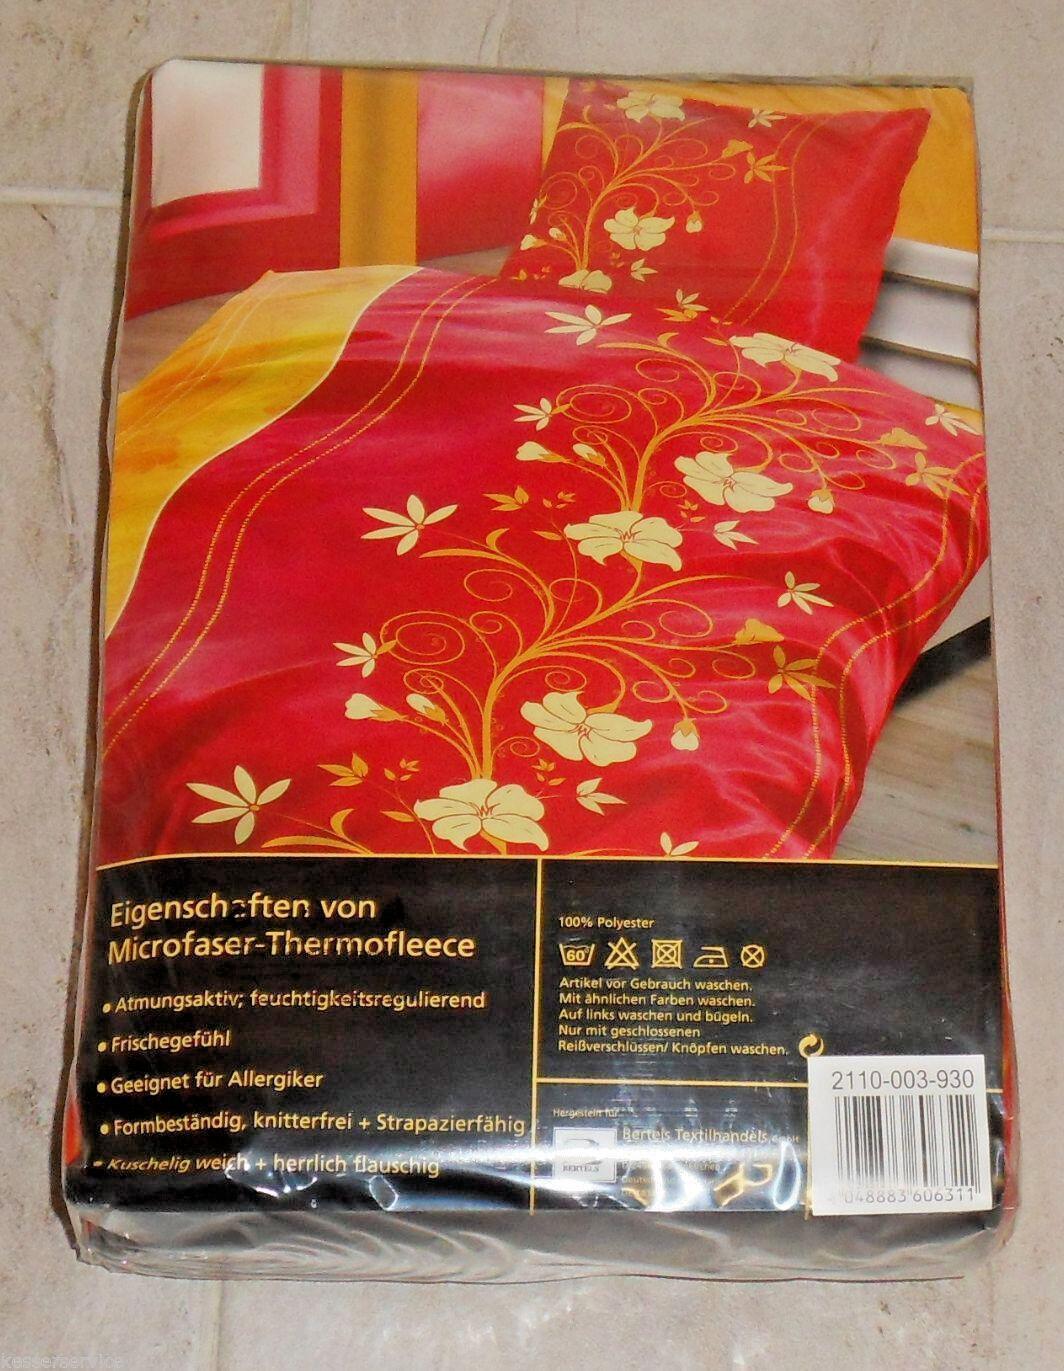 2 tlg. Bettwäsche  Alfons  Thermo Fleece 135 x 200cm Blaumenranke in Gelb auf Rot